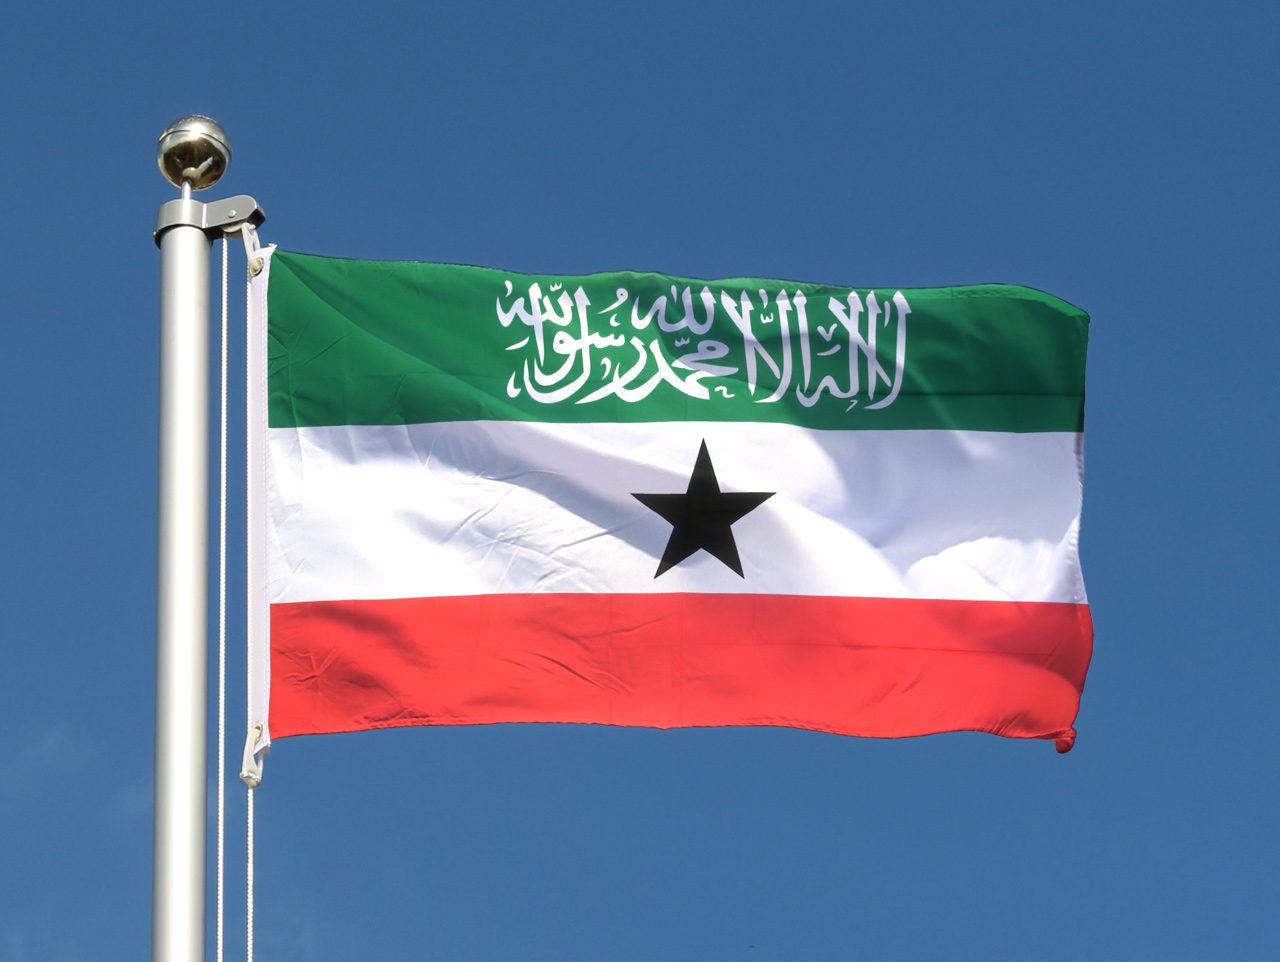 The 29 >> Cheap Somaliland Flag - 2x3 ft - Royal-Flags